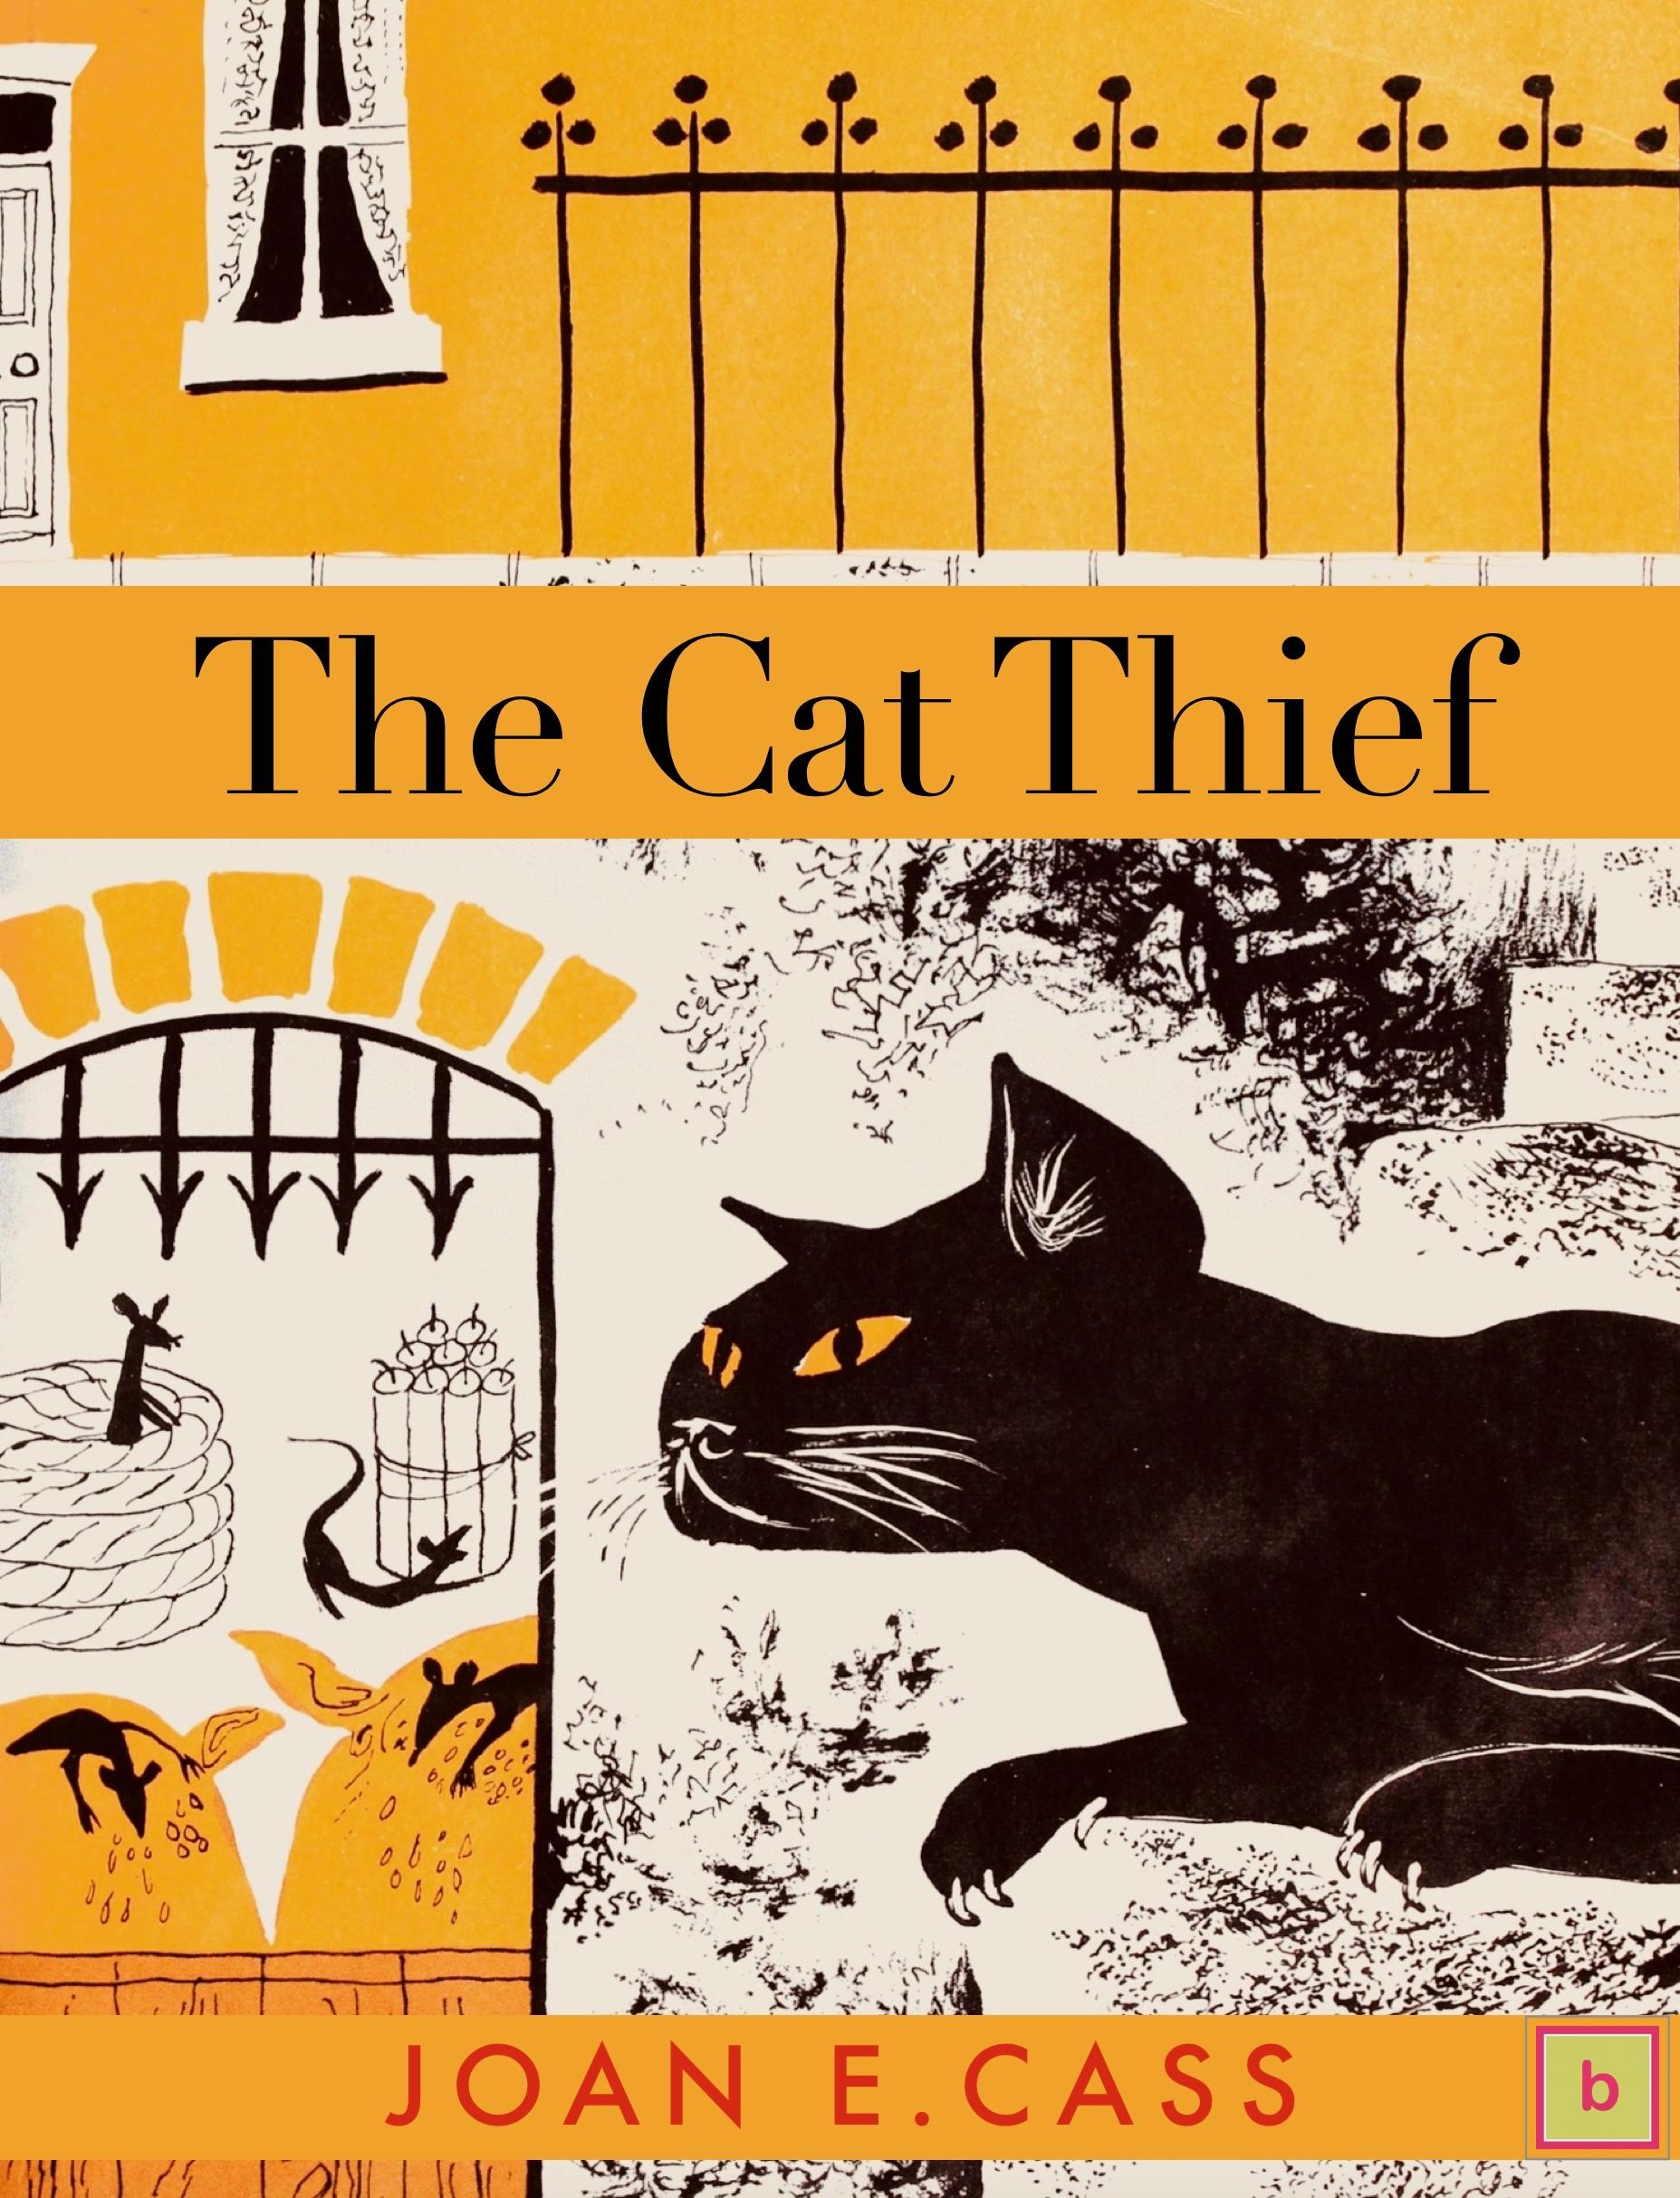 The Cat Thief